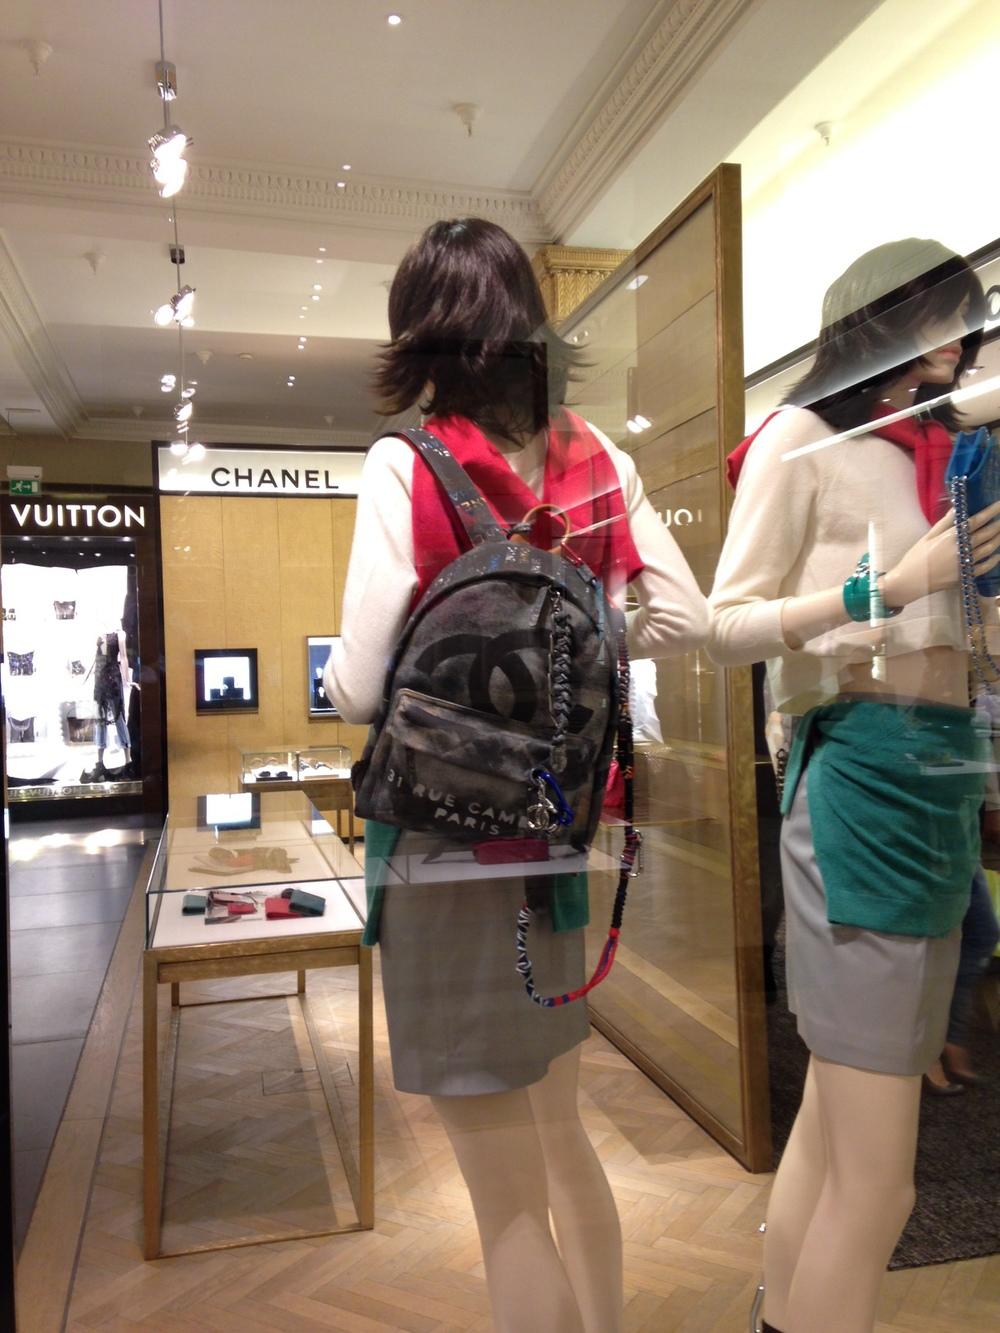 chanel-backpack-harrods-01.JPG